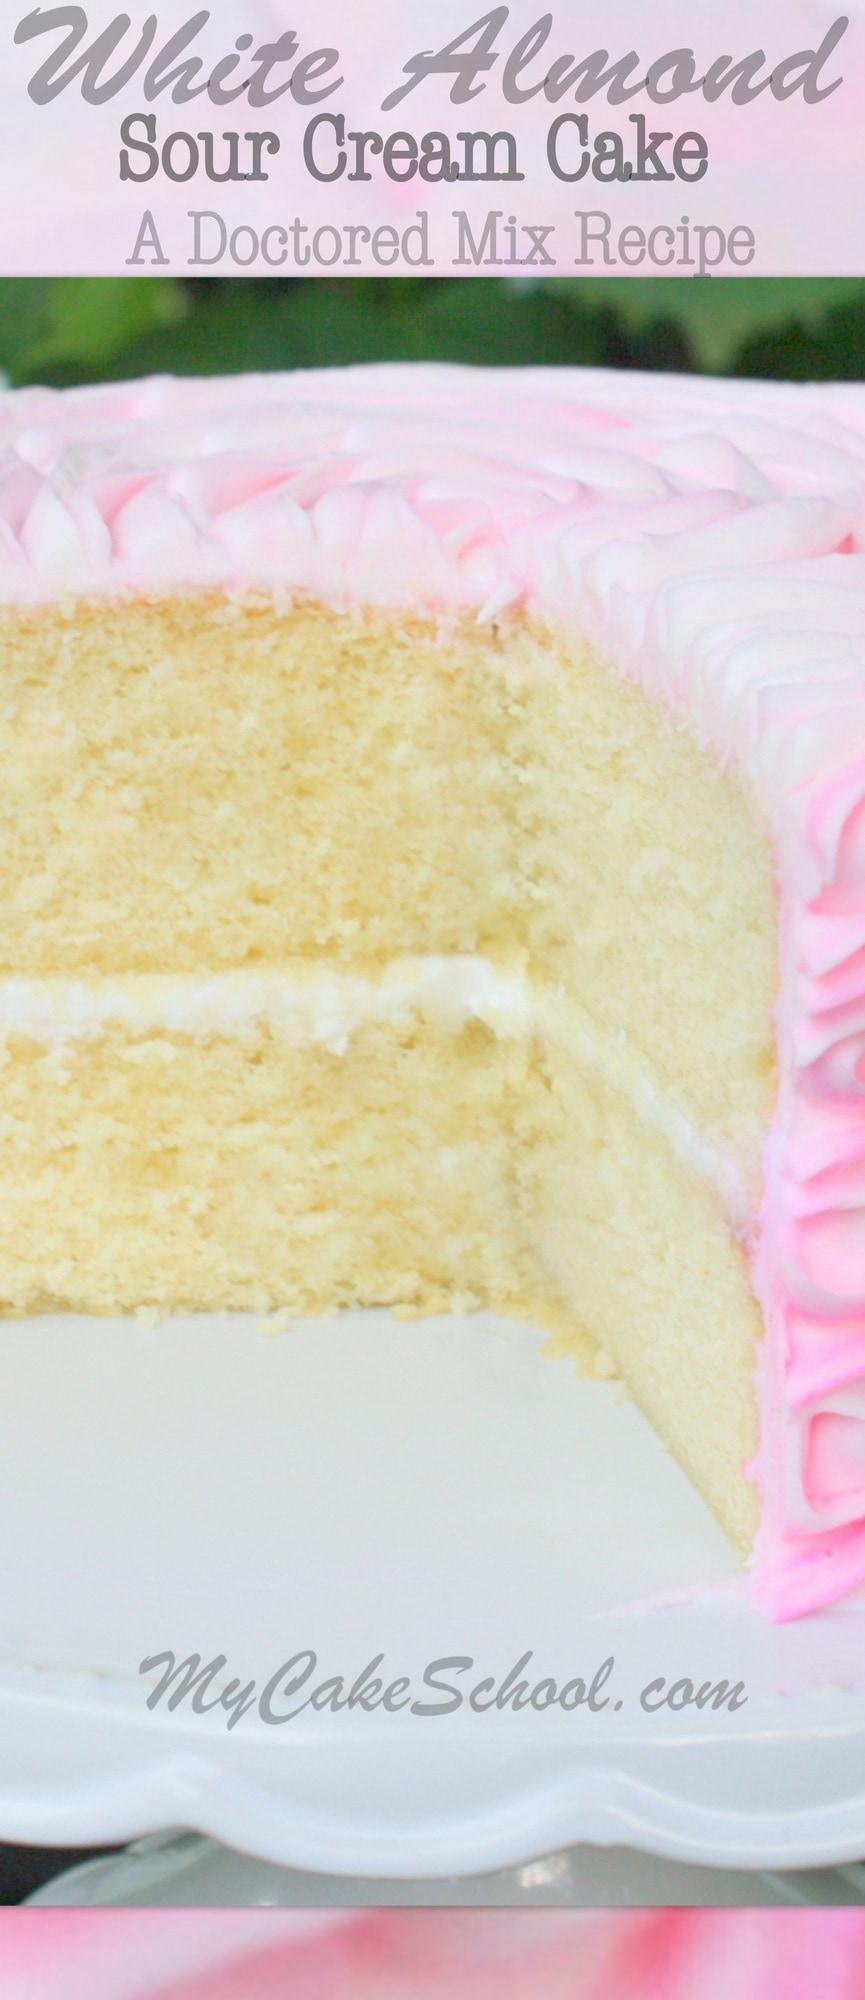 Cake Mix Recipes Chocolate Sour Cream